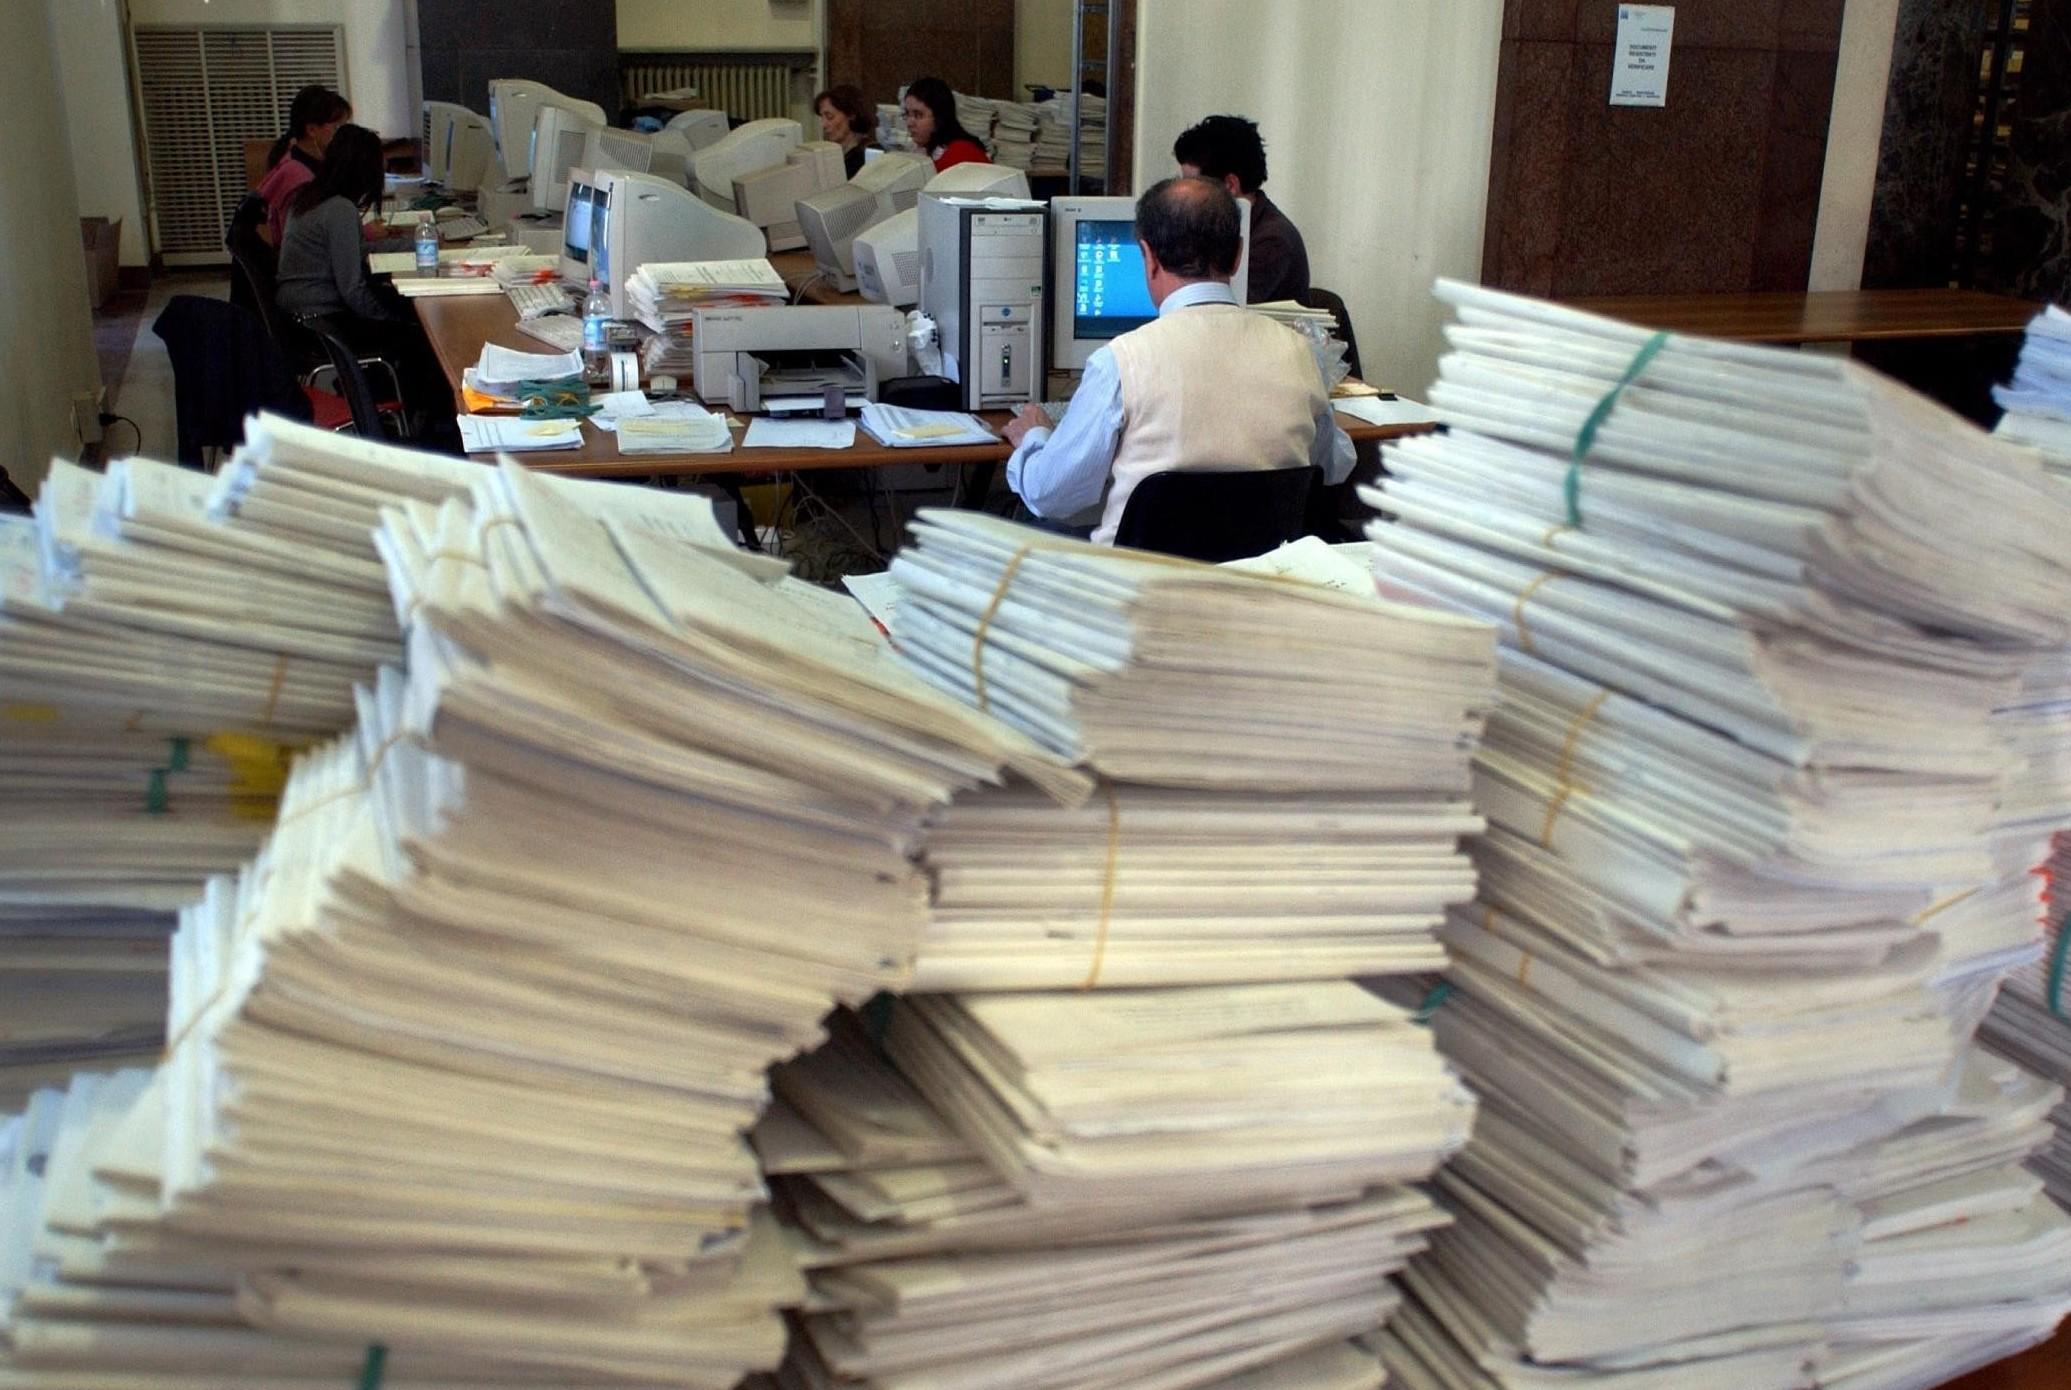 Tfs statali anticipato per pensioni, sit